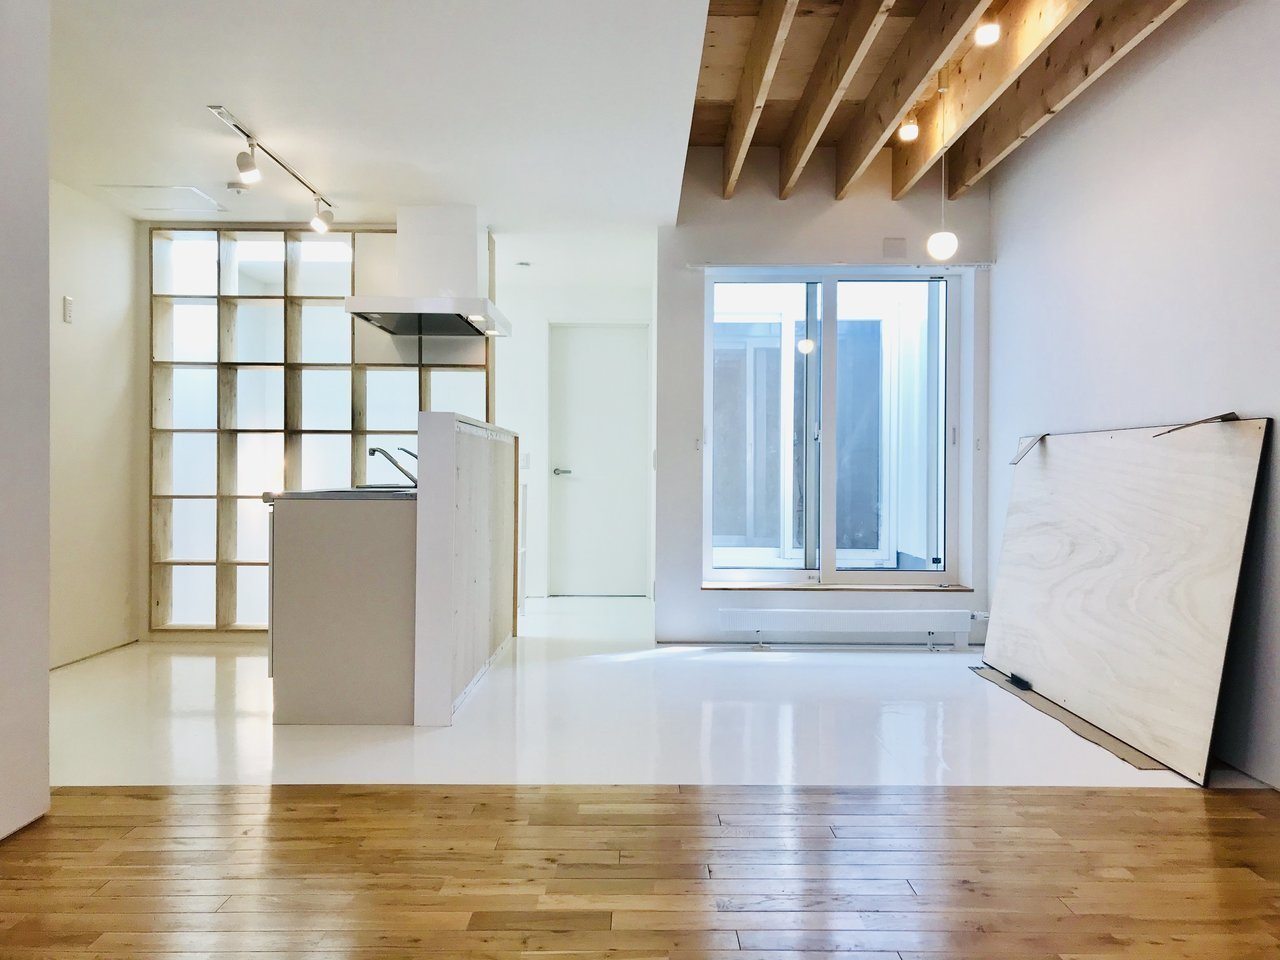 最後は3LDKでメゾネットタイプのテラスハウス。ファミリータイプのお部屋をご紹介。天井が高く、ふんだんに使われた木材が印象的な、広々14.7畳のリビングです。